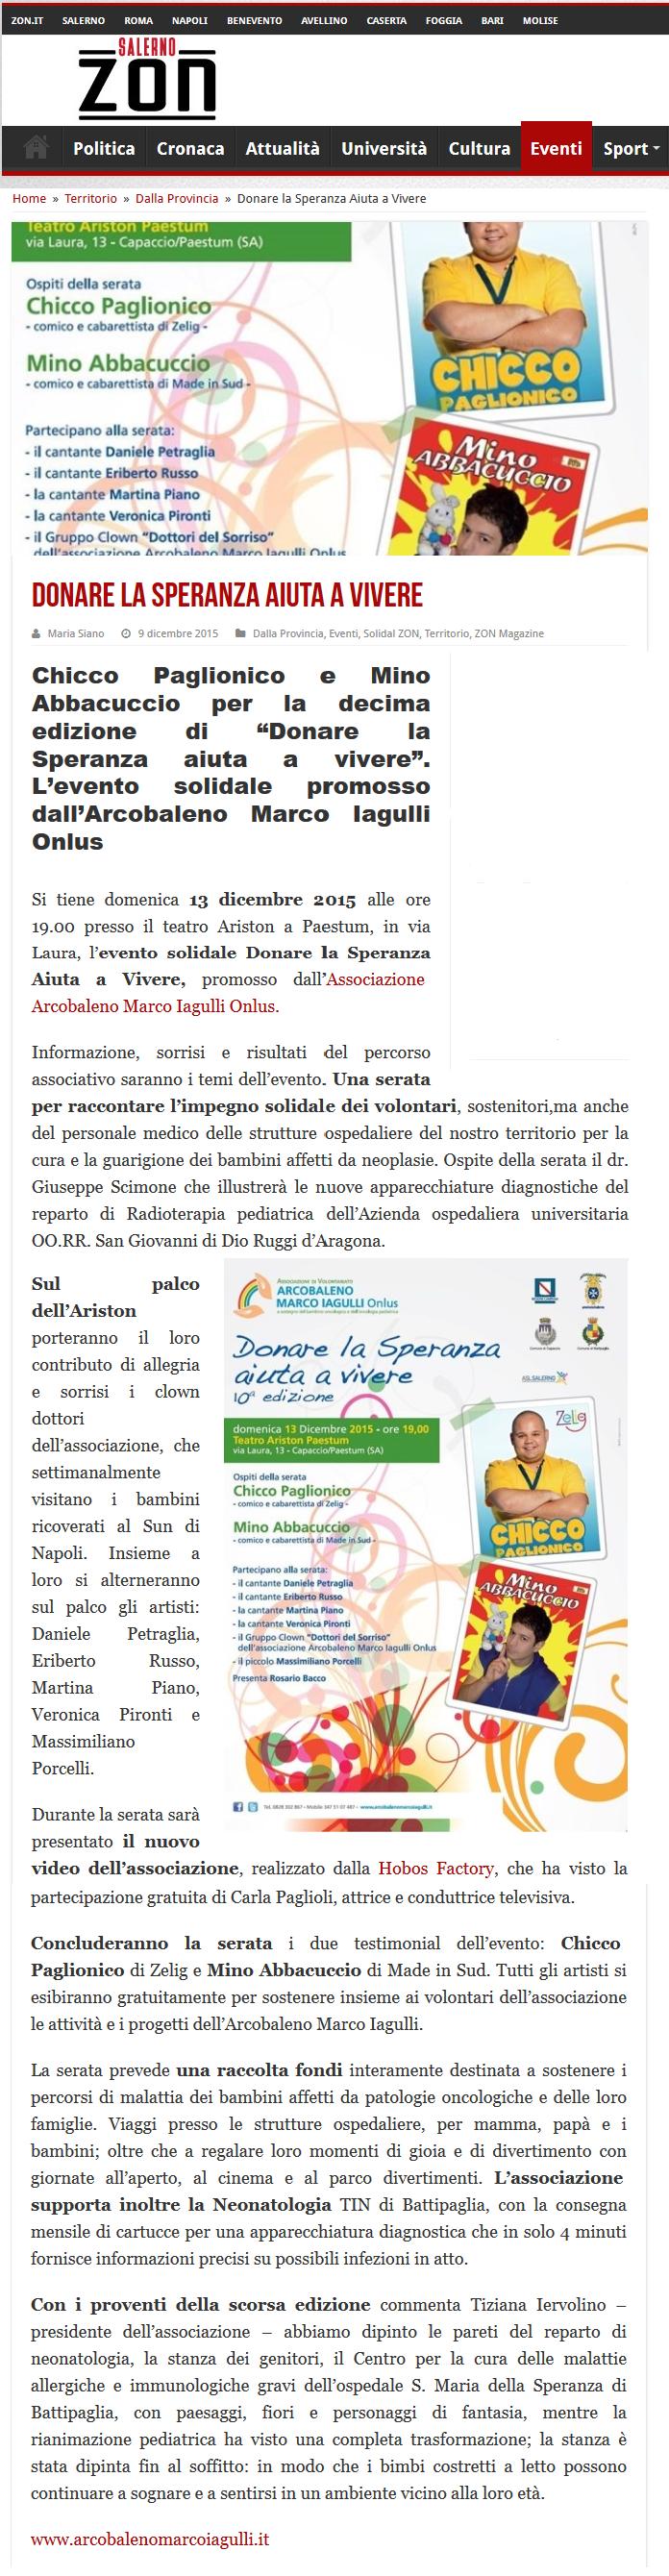 Salerno ZON zerottonove - Donare la Speranza 2015